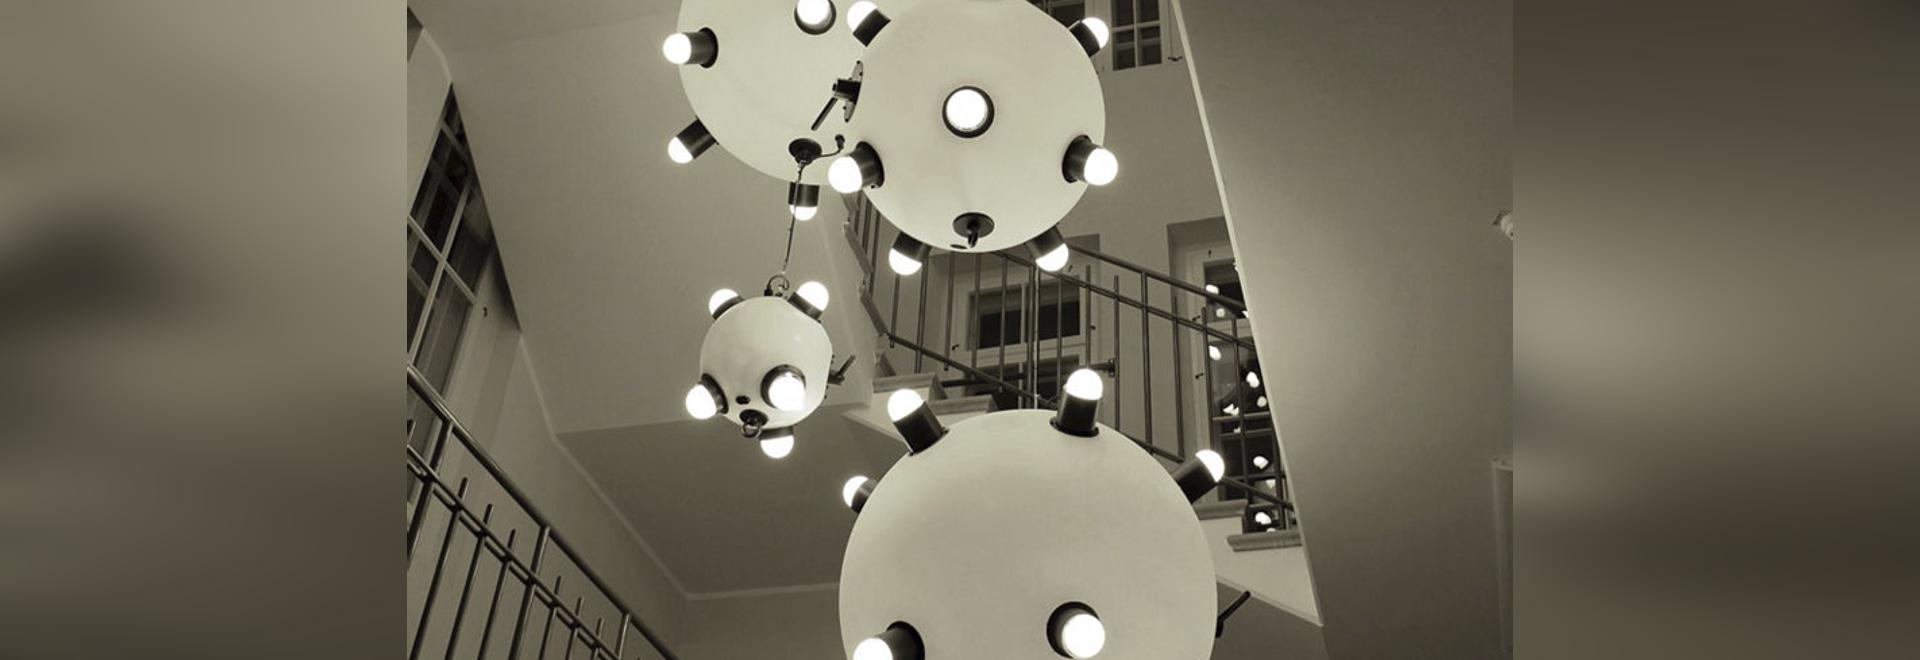 NOUVEAU : lampe pendante par Keha3